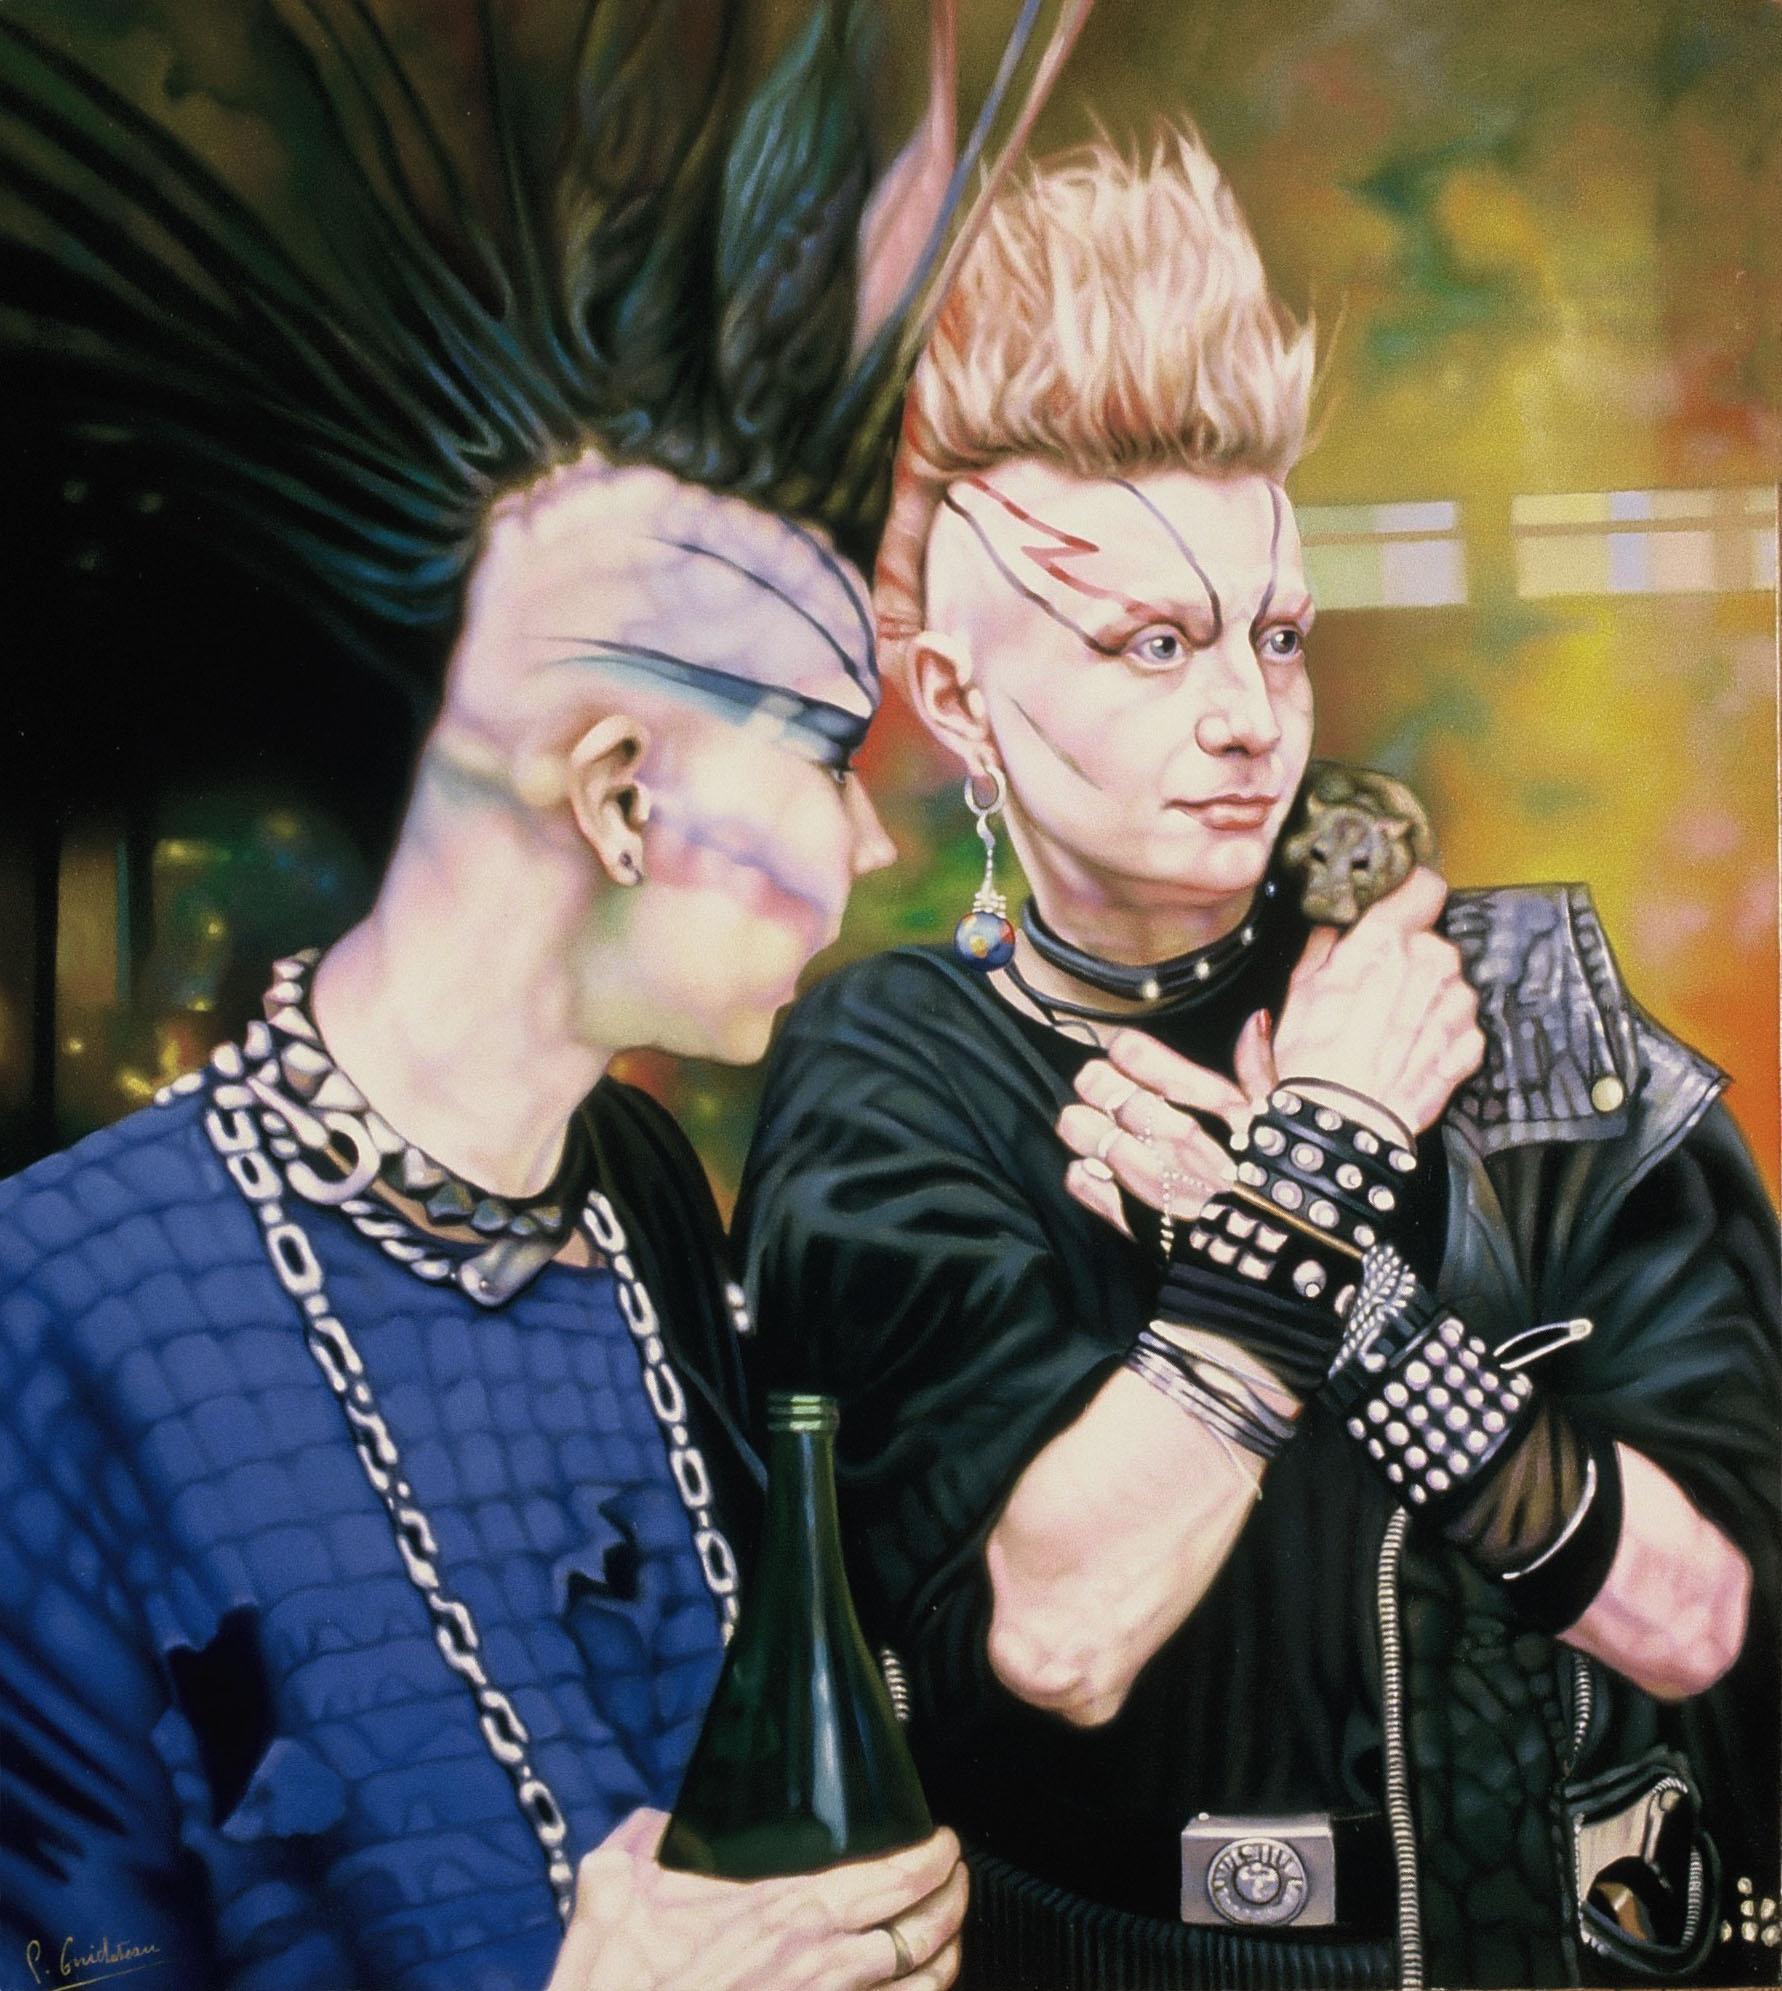 Flash punk 2 (81x73)